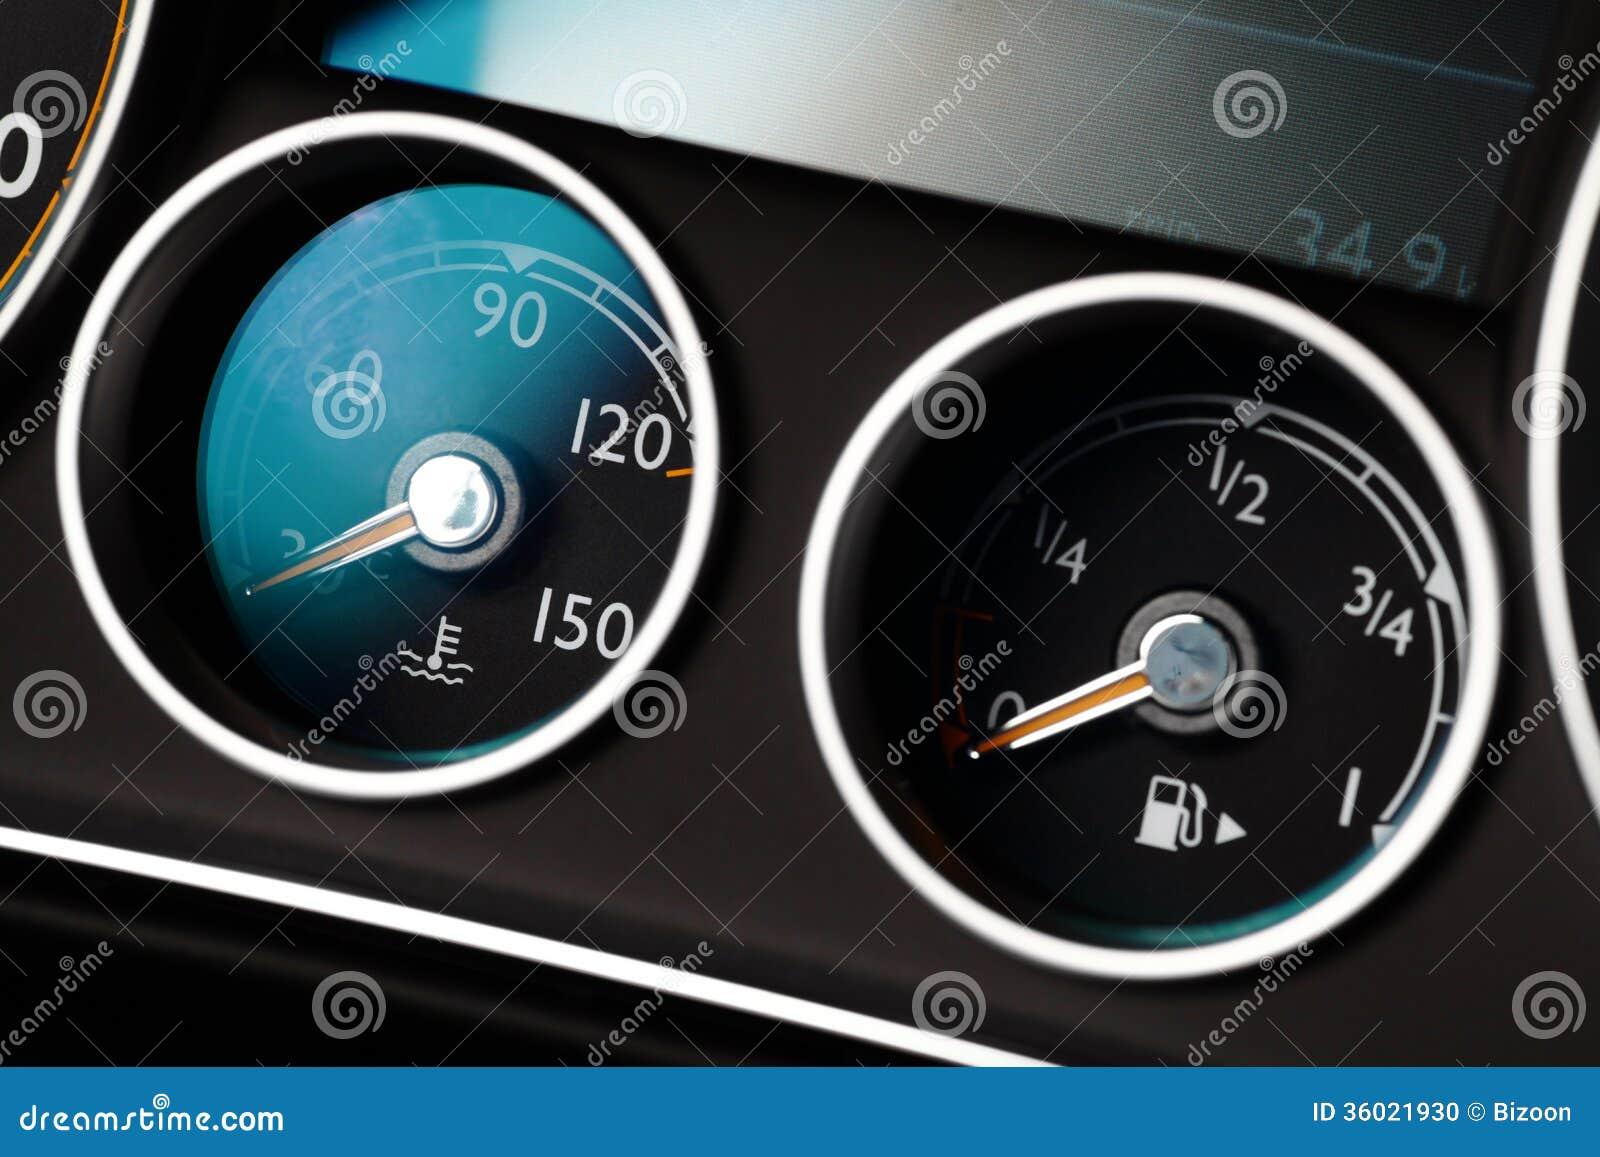 В чем могут причины срабатывания индикатора «Engine fault. Reduced power» в BMW 3 E90